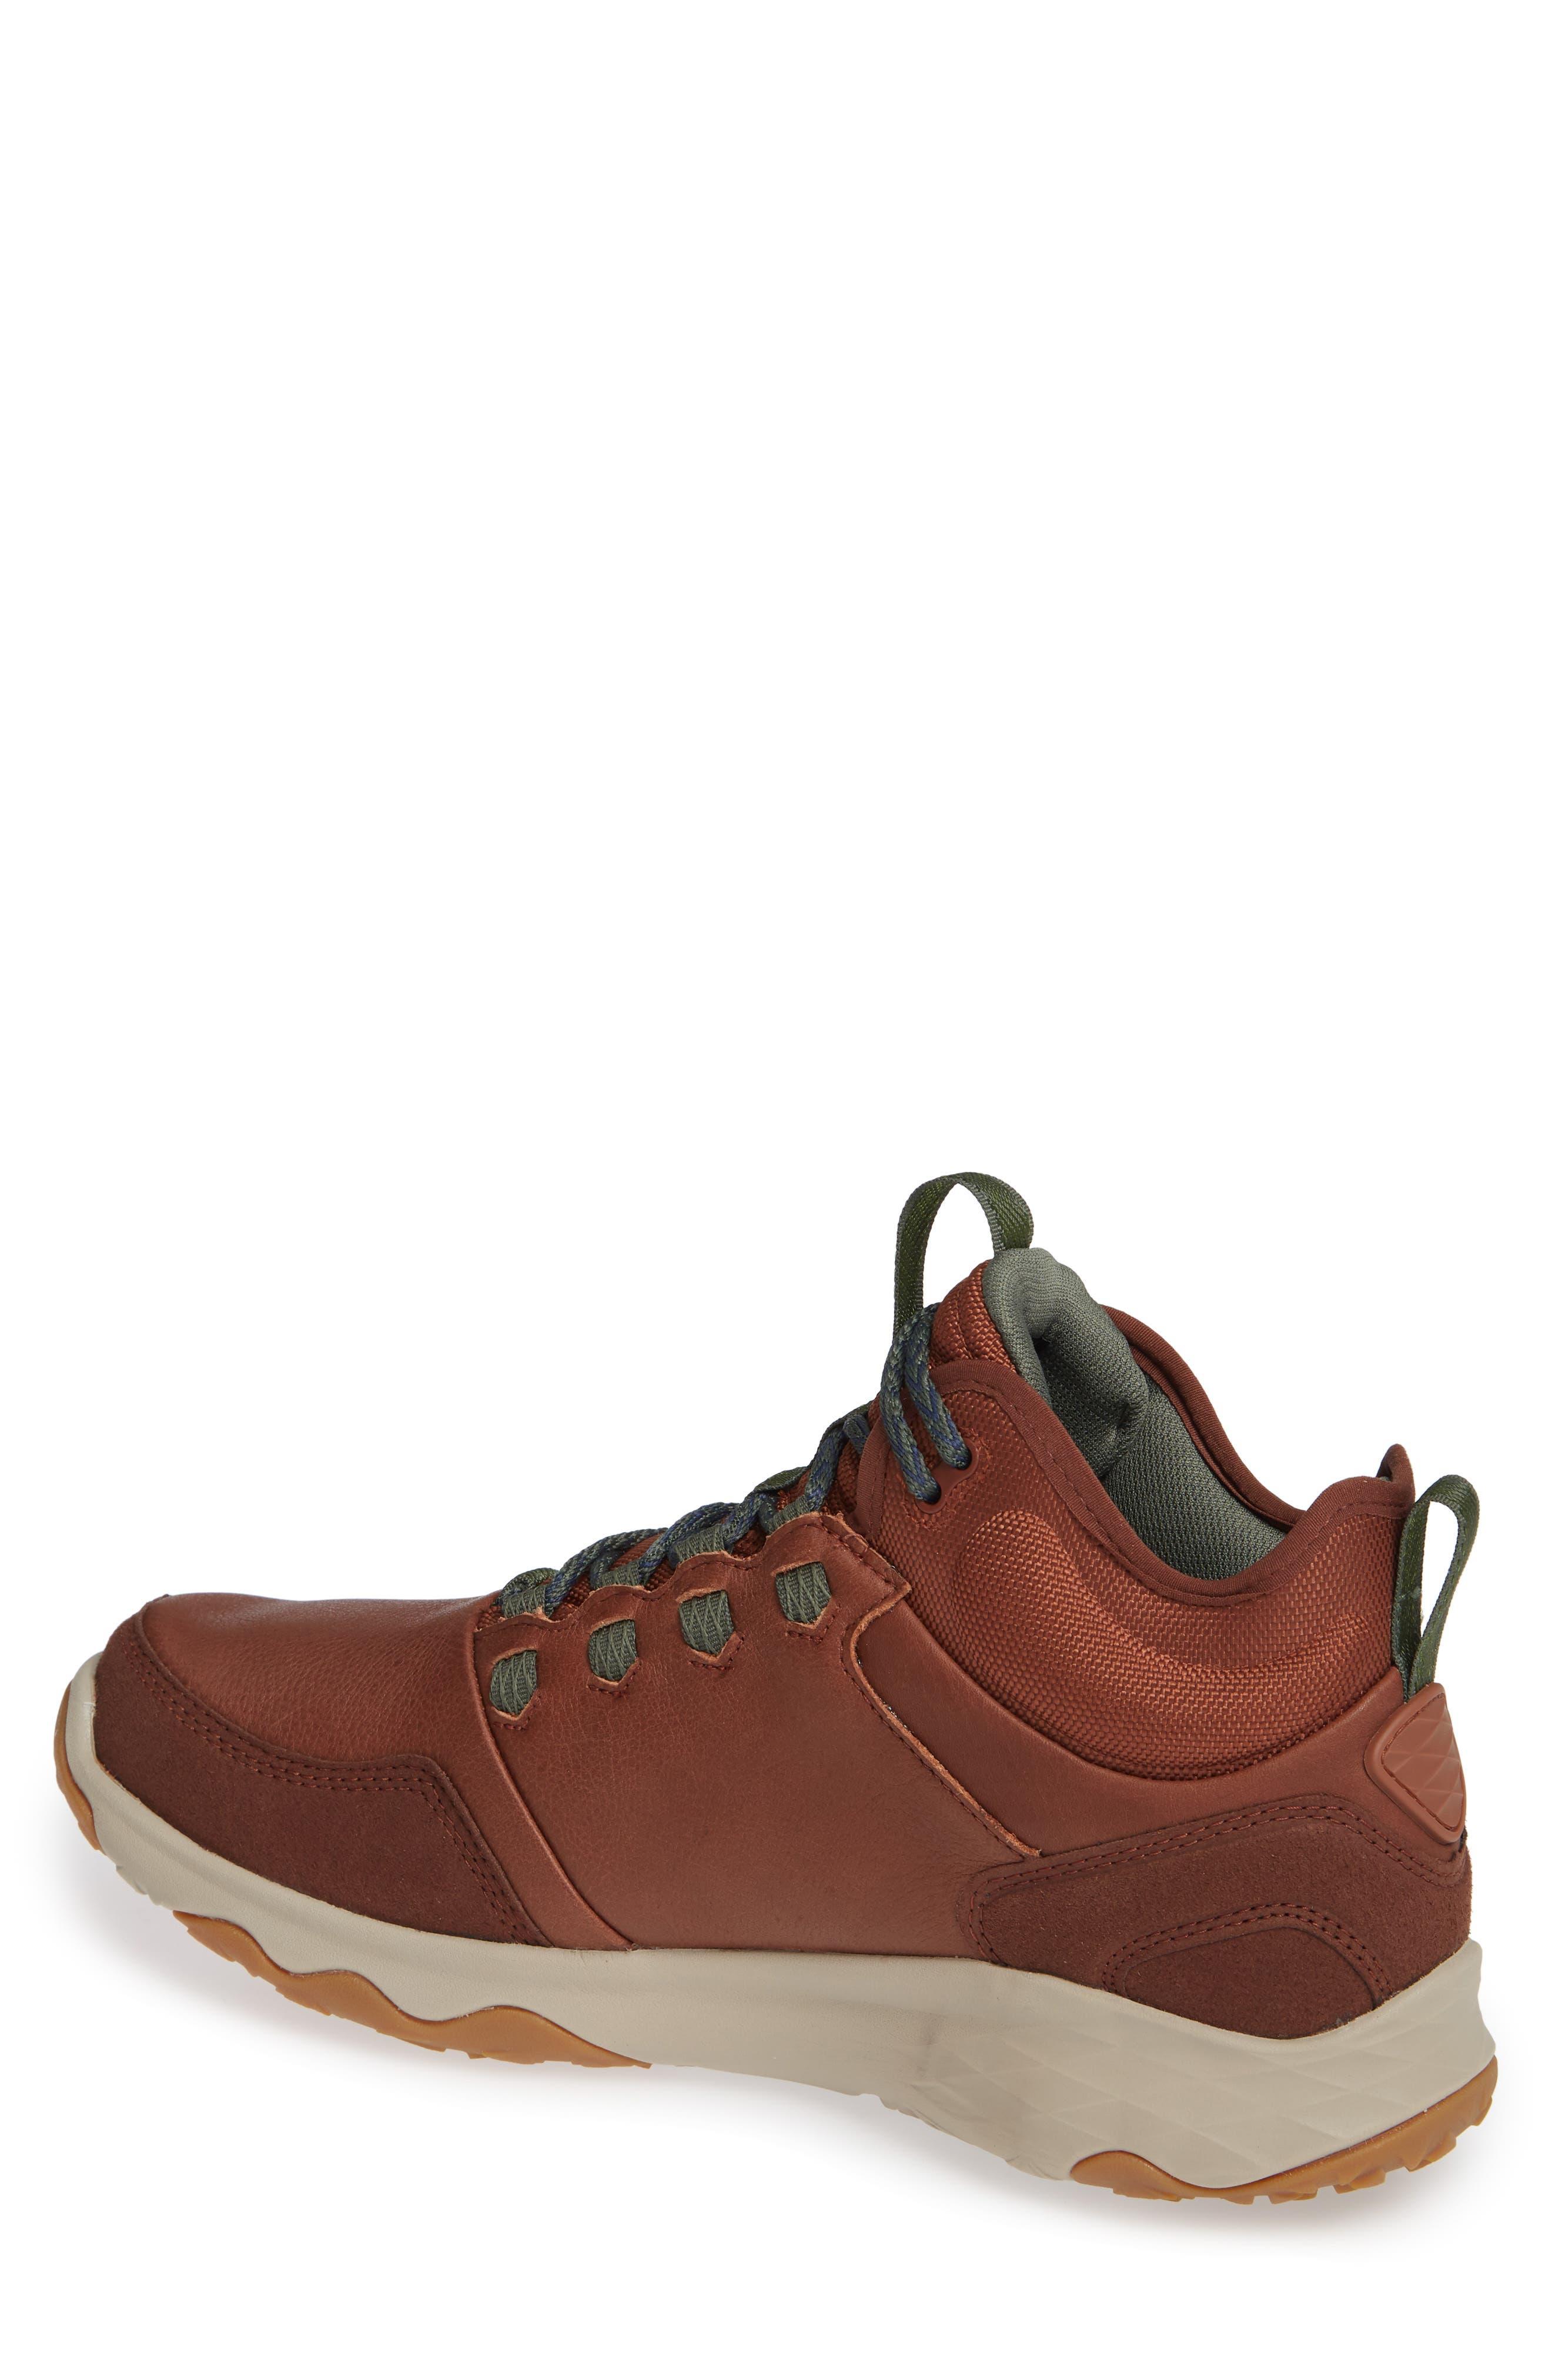 Arrowood 2 Mid Waterproof Sneaker Boot,                             Alternate thumbnail 2, color,                             242